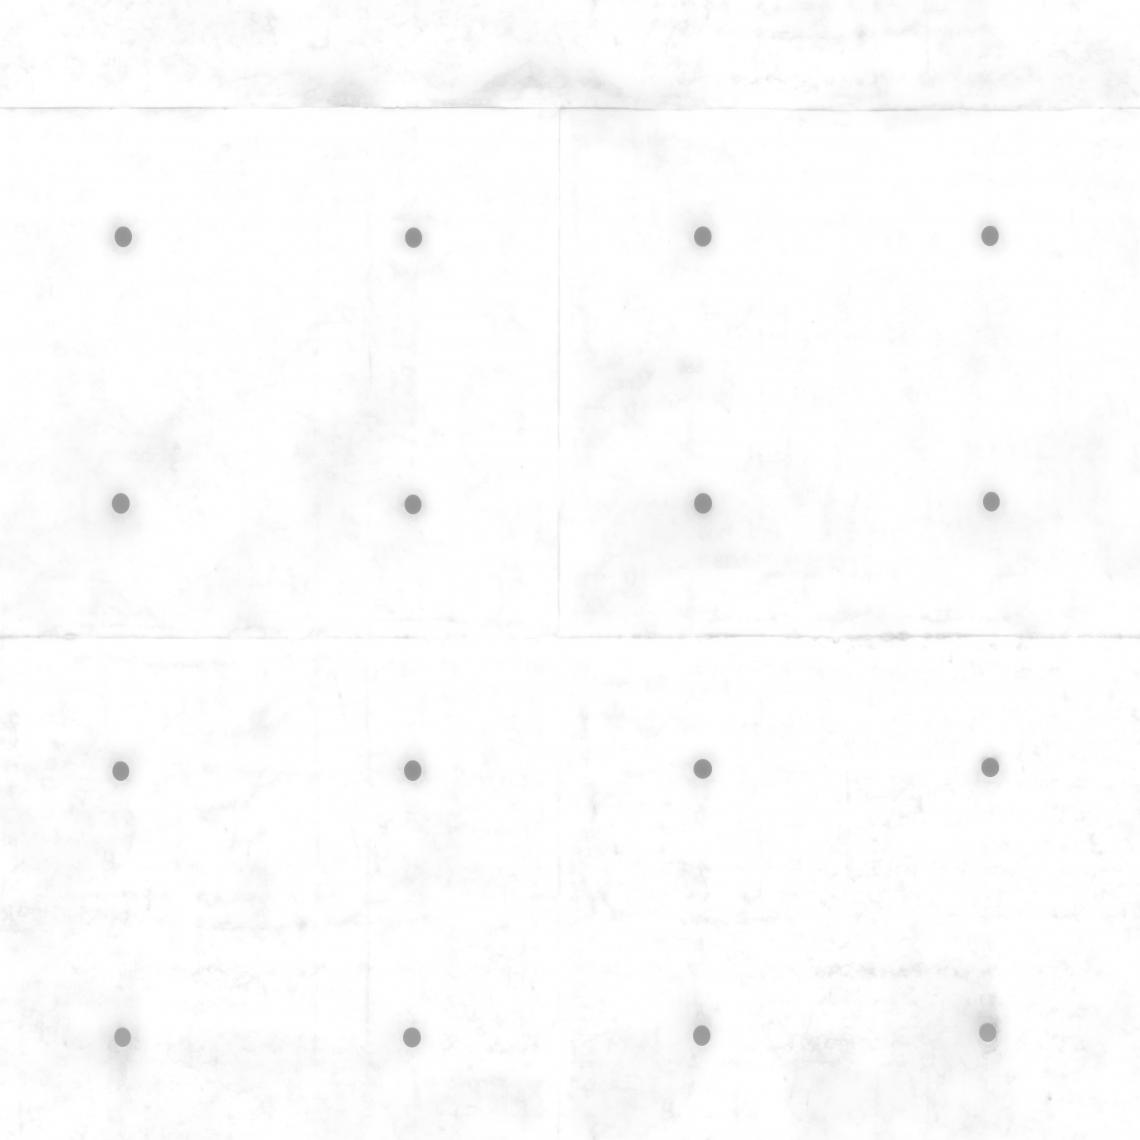 Plain-Concrete-05-Ambient-Occlusion